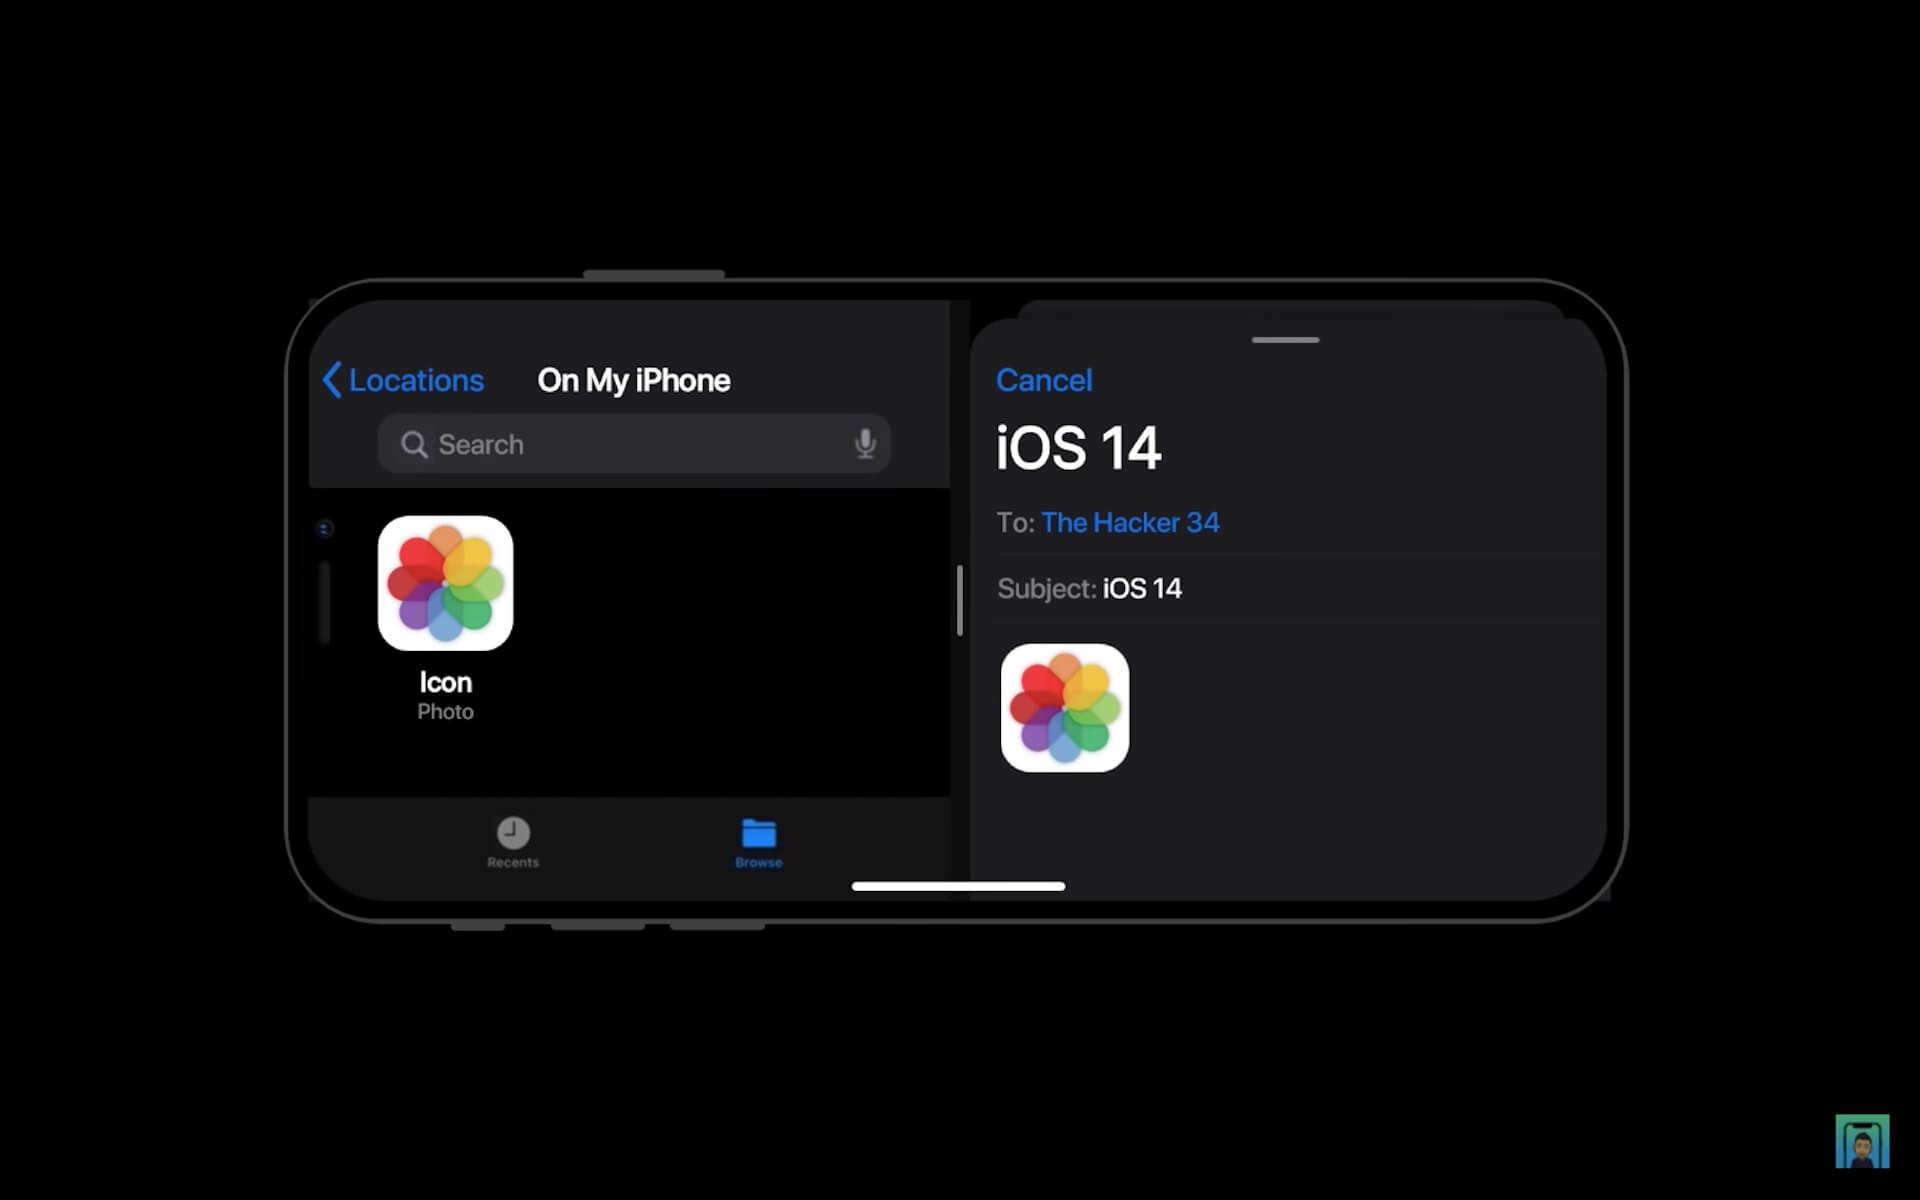 6月リリースと噂のiPhone用OS「iOS 14」はこうなる?iPhone 12と掛け合わせたコンセプト動画が公開 tech200423_ios14_12